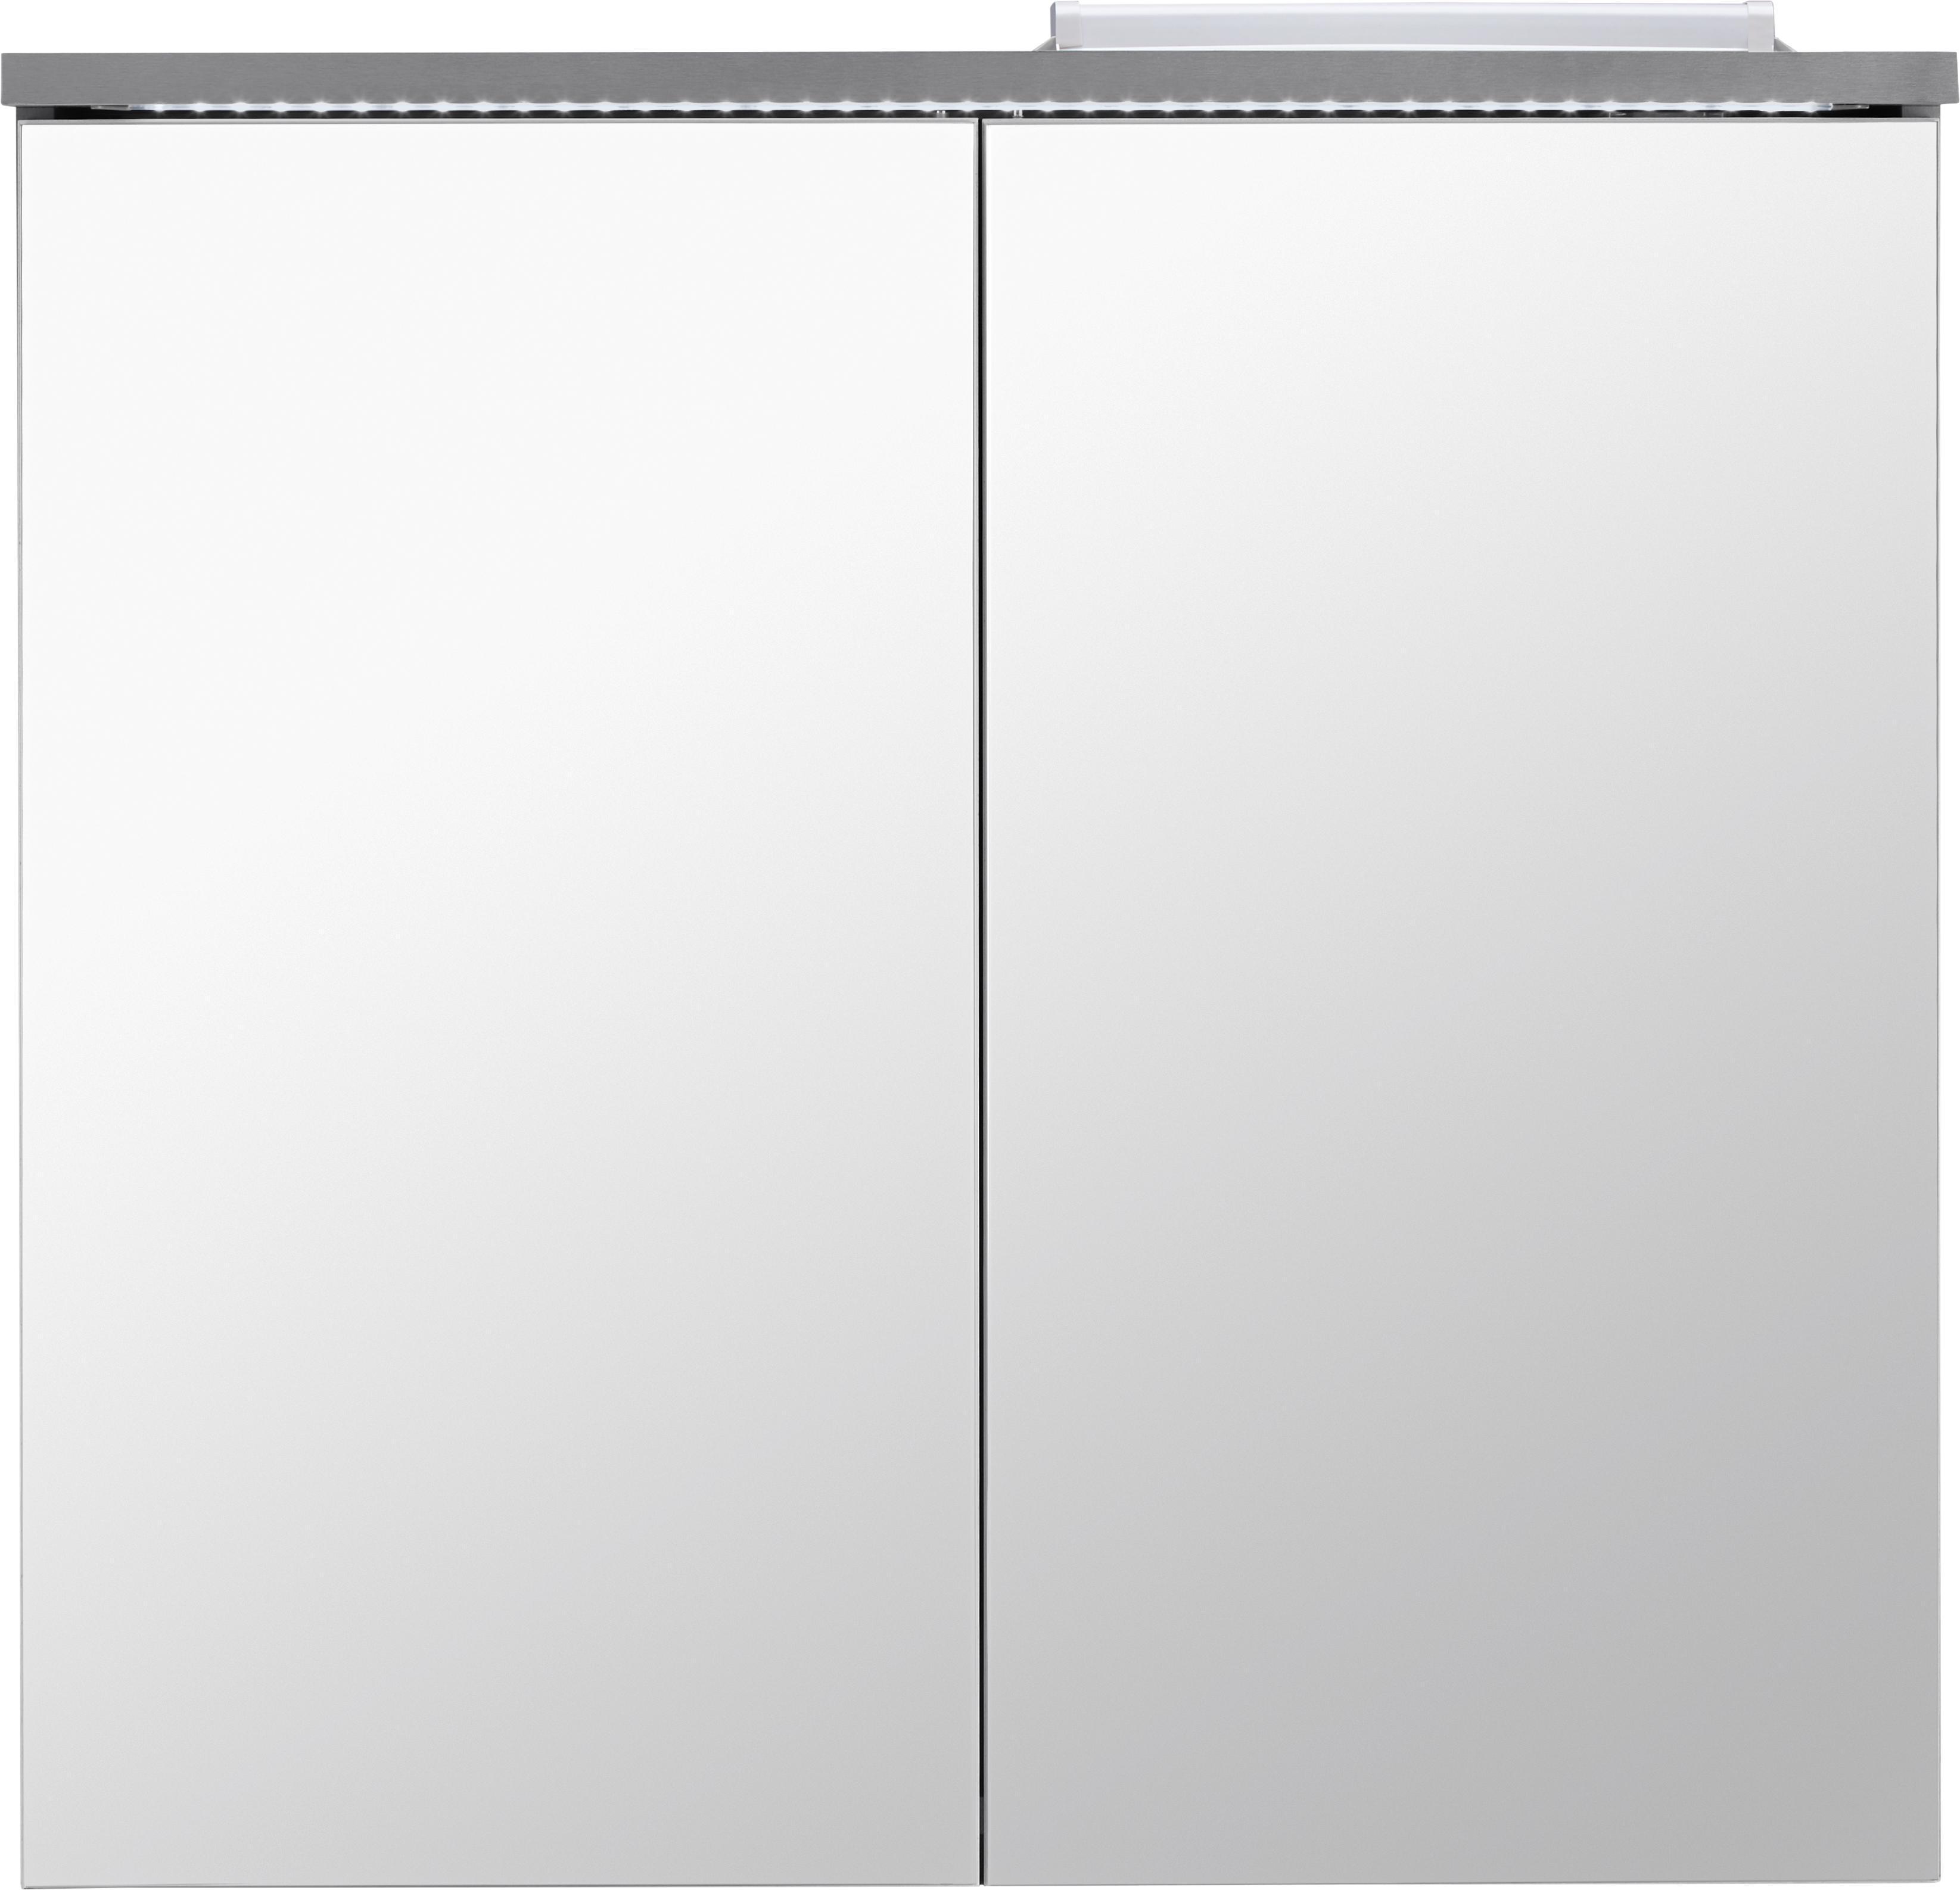 Mömax Badezimmer Schrank: Spiegelschrank Grau Online Kaufen Mömax